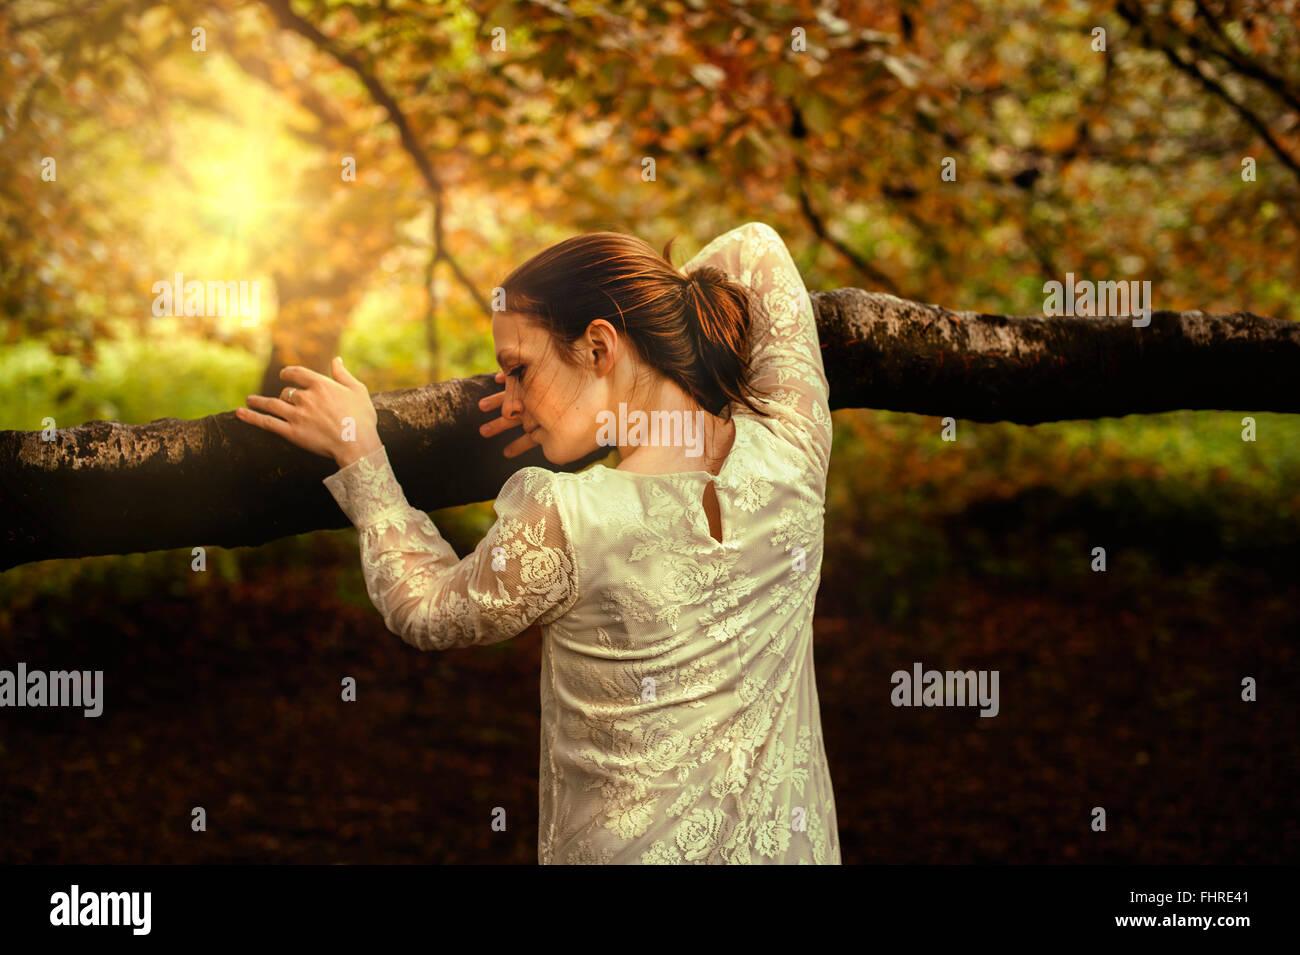 Jeune femme en se penchant sur la branche d'arbre du parc Photo Stock